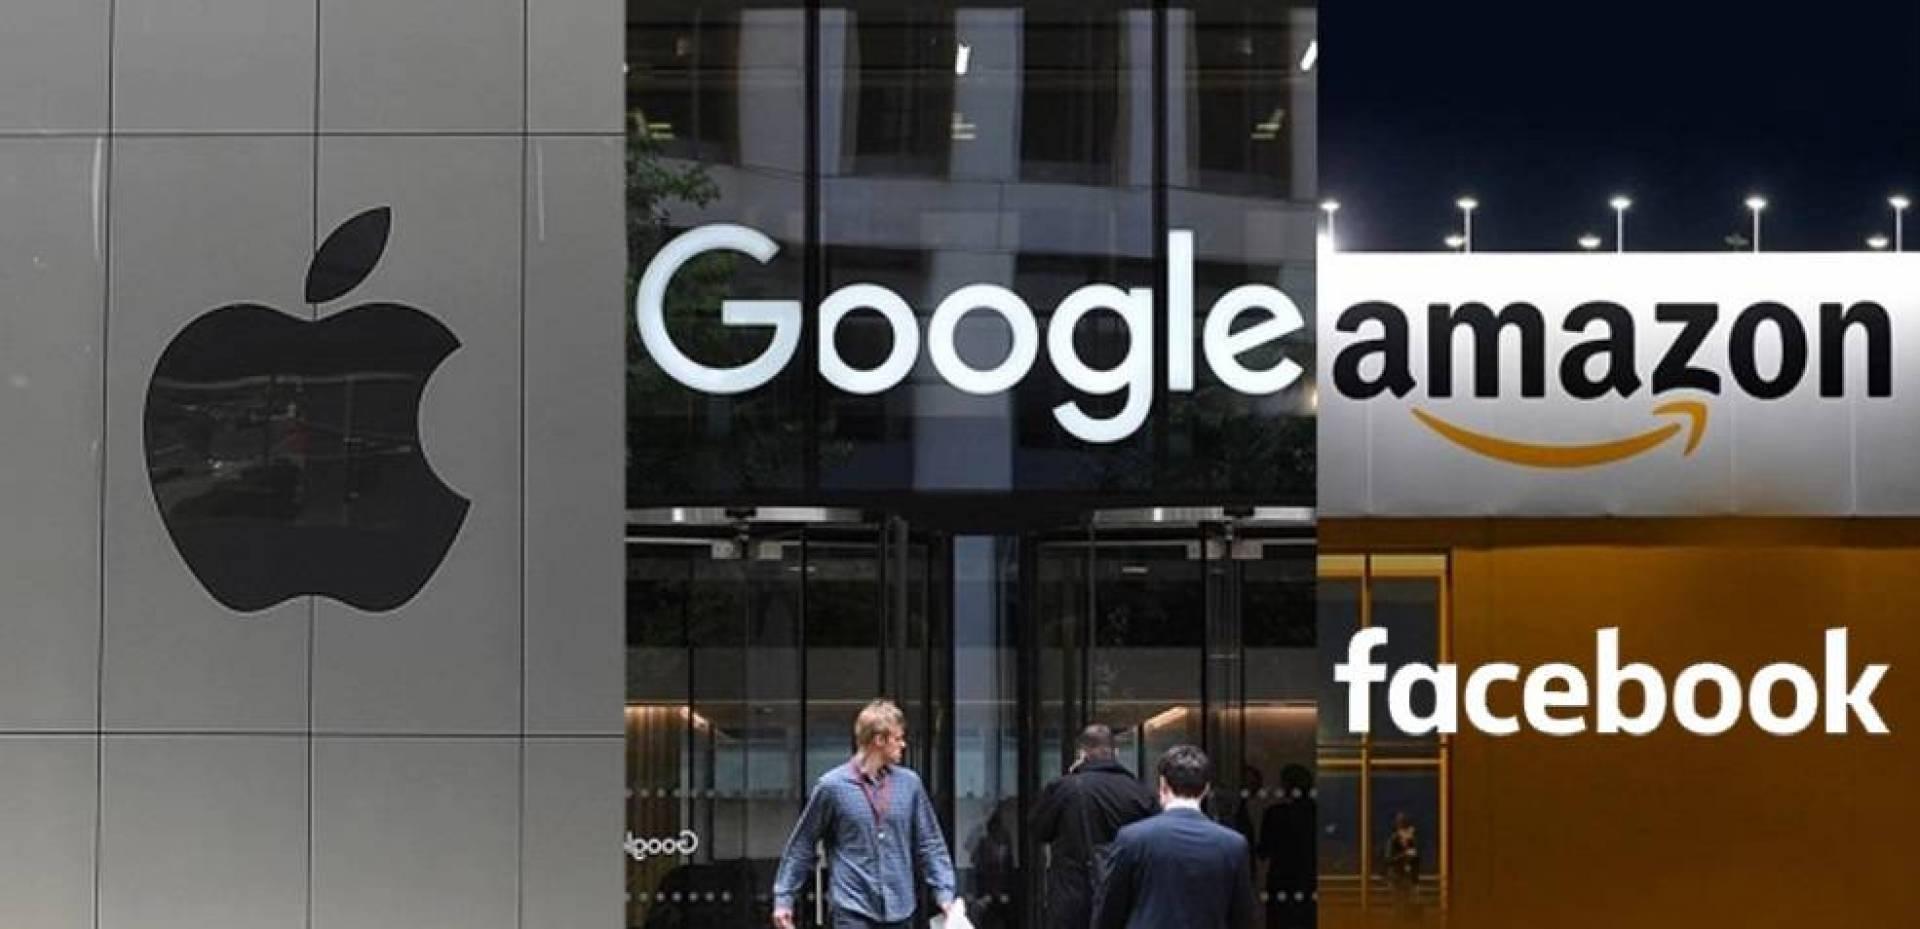 رغم انهيار الاقتصاد العالمي..الشركات الرقمية العملاقة أقوى من أي وقت مضى